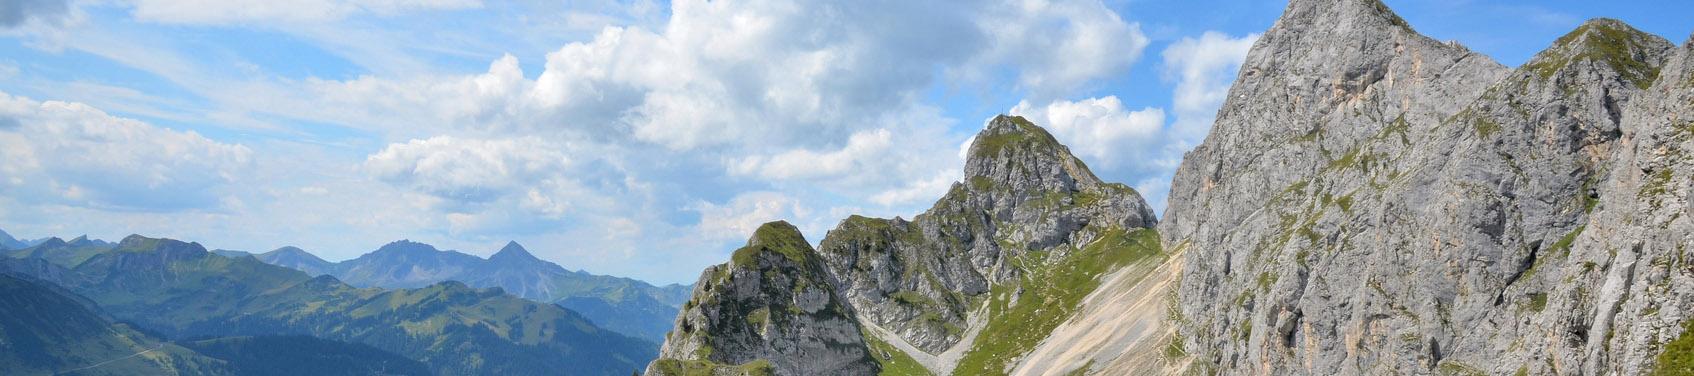 Bild von Urlaub in den Bergen